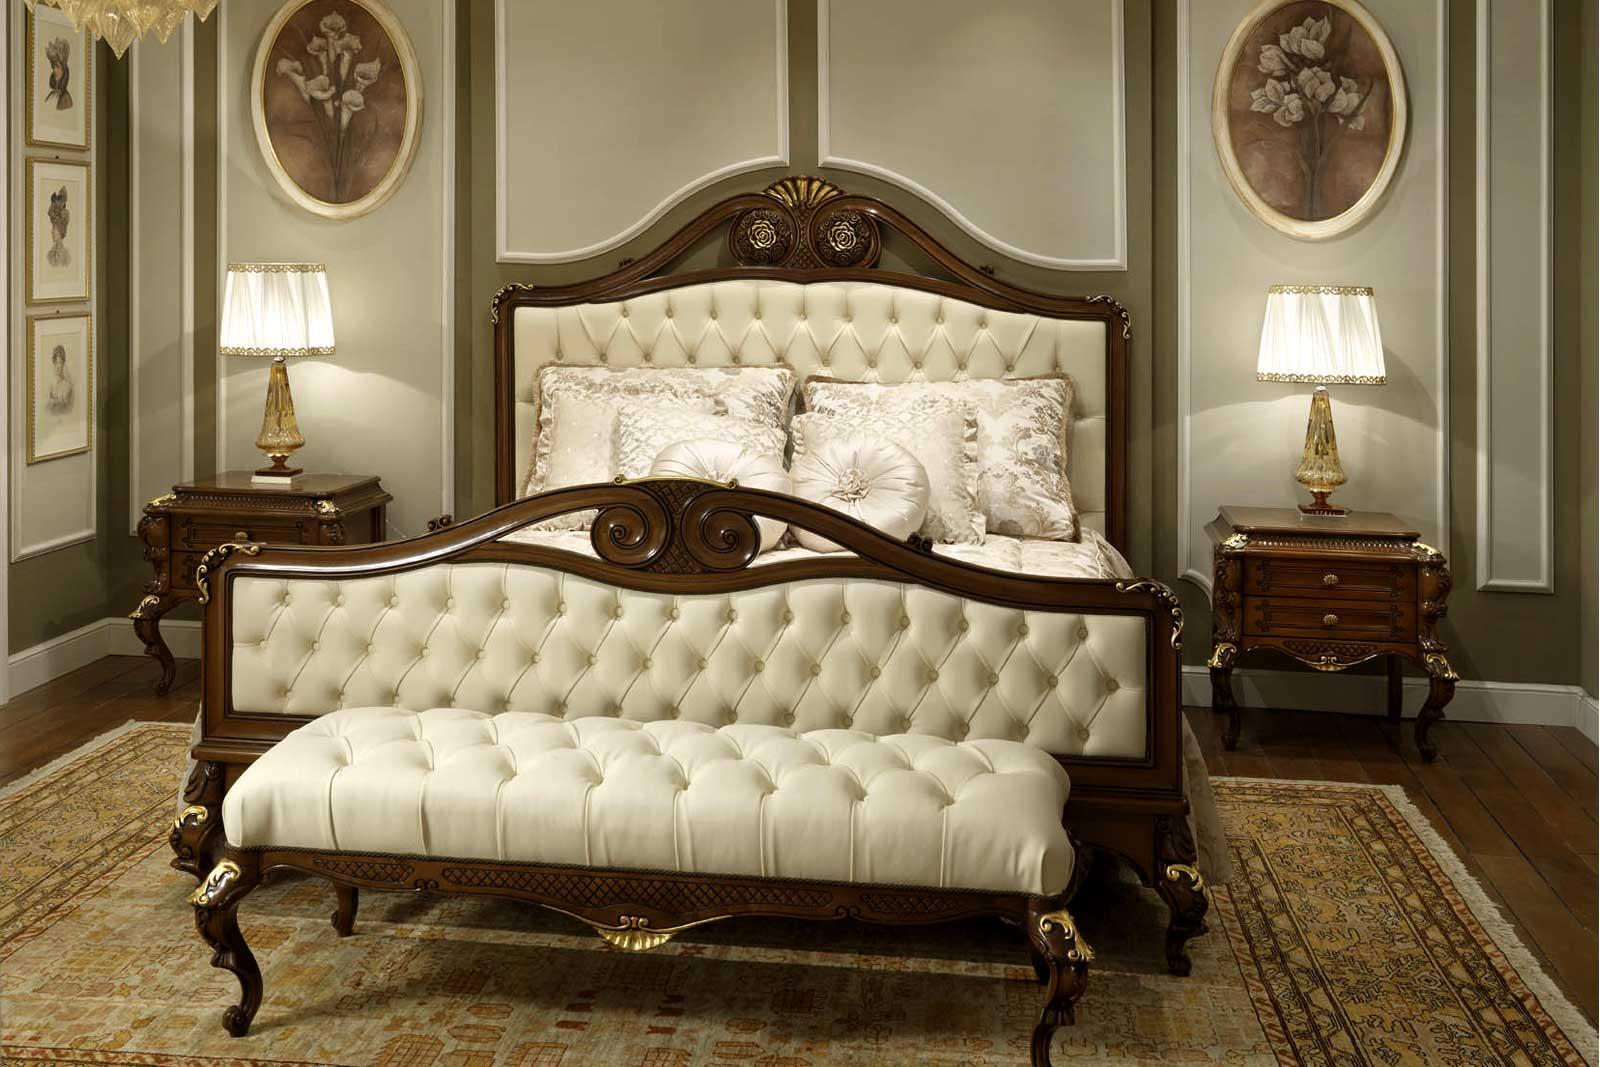 desain Tempat Tidur Mewah Elegan Terbaru